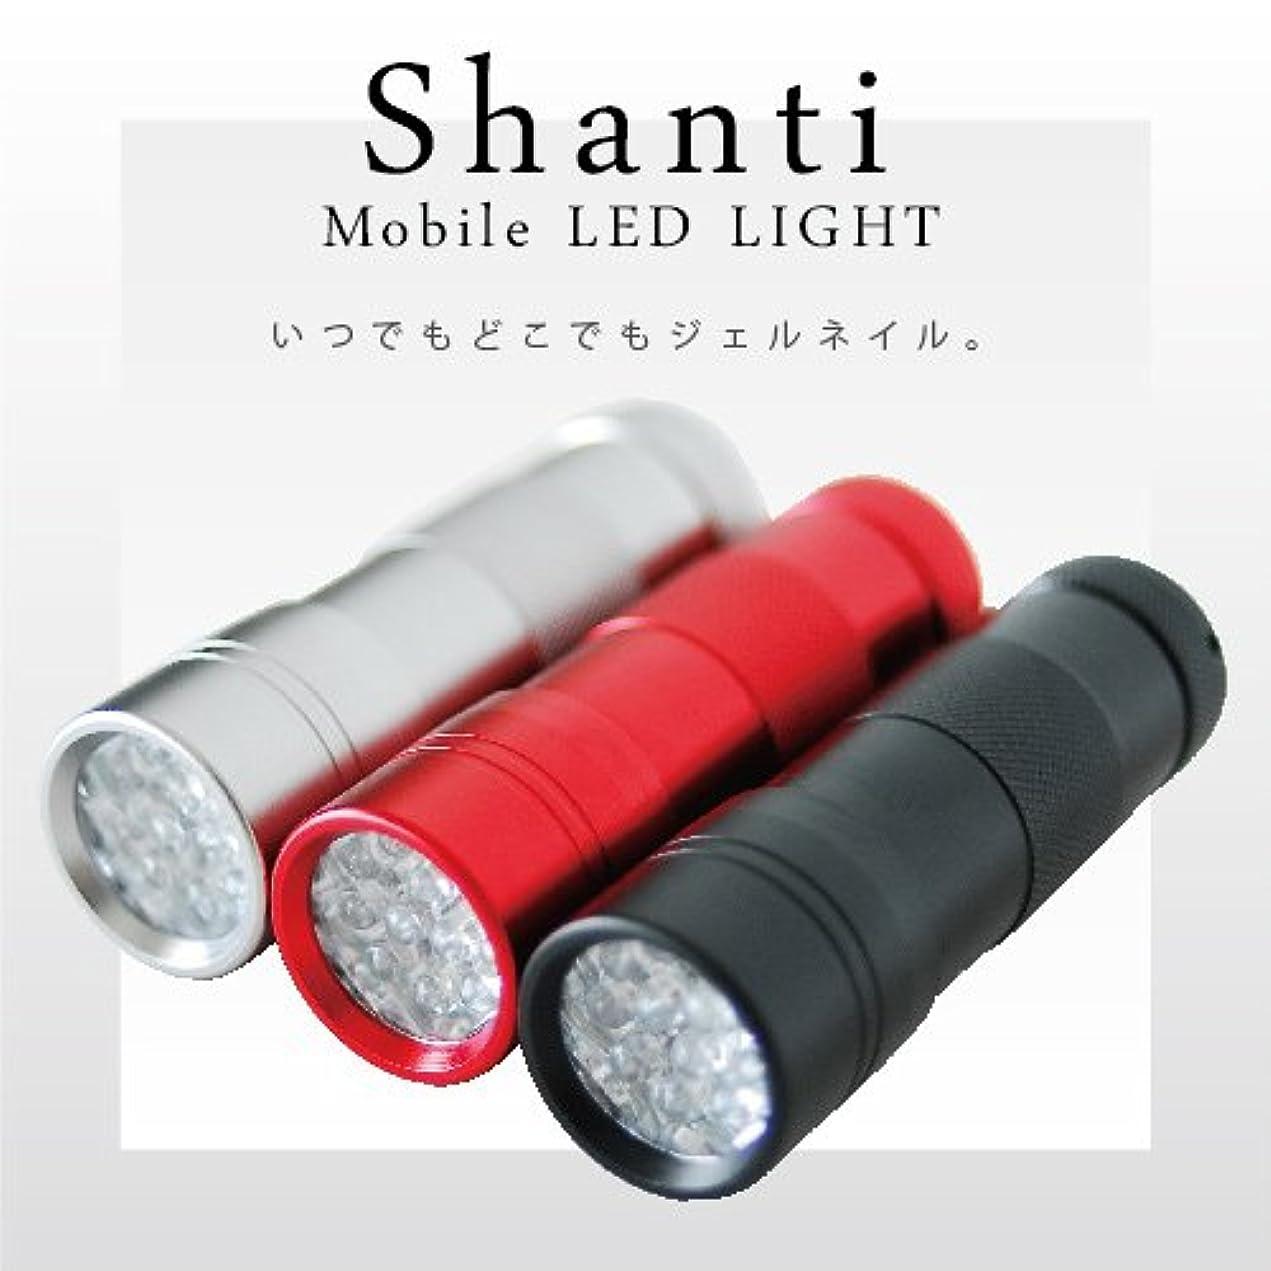 文字マウスピースアスリートジェルネイル用UVライト ペン型LEDライト Shanti Mobile LED ペン型ポータブルLEDライト カラー:シルバー  携帯用ハンドライト